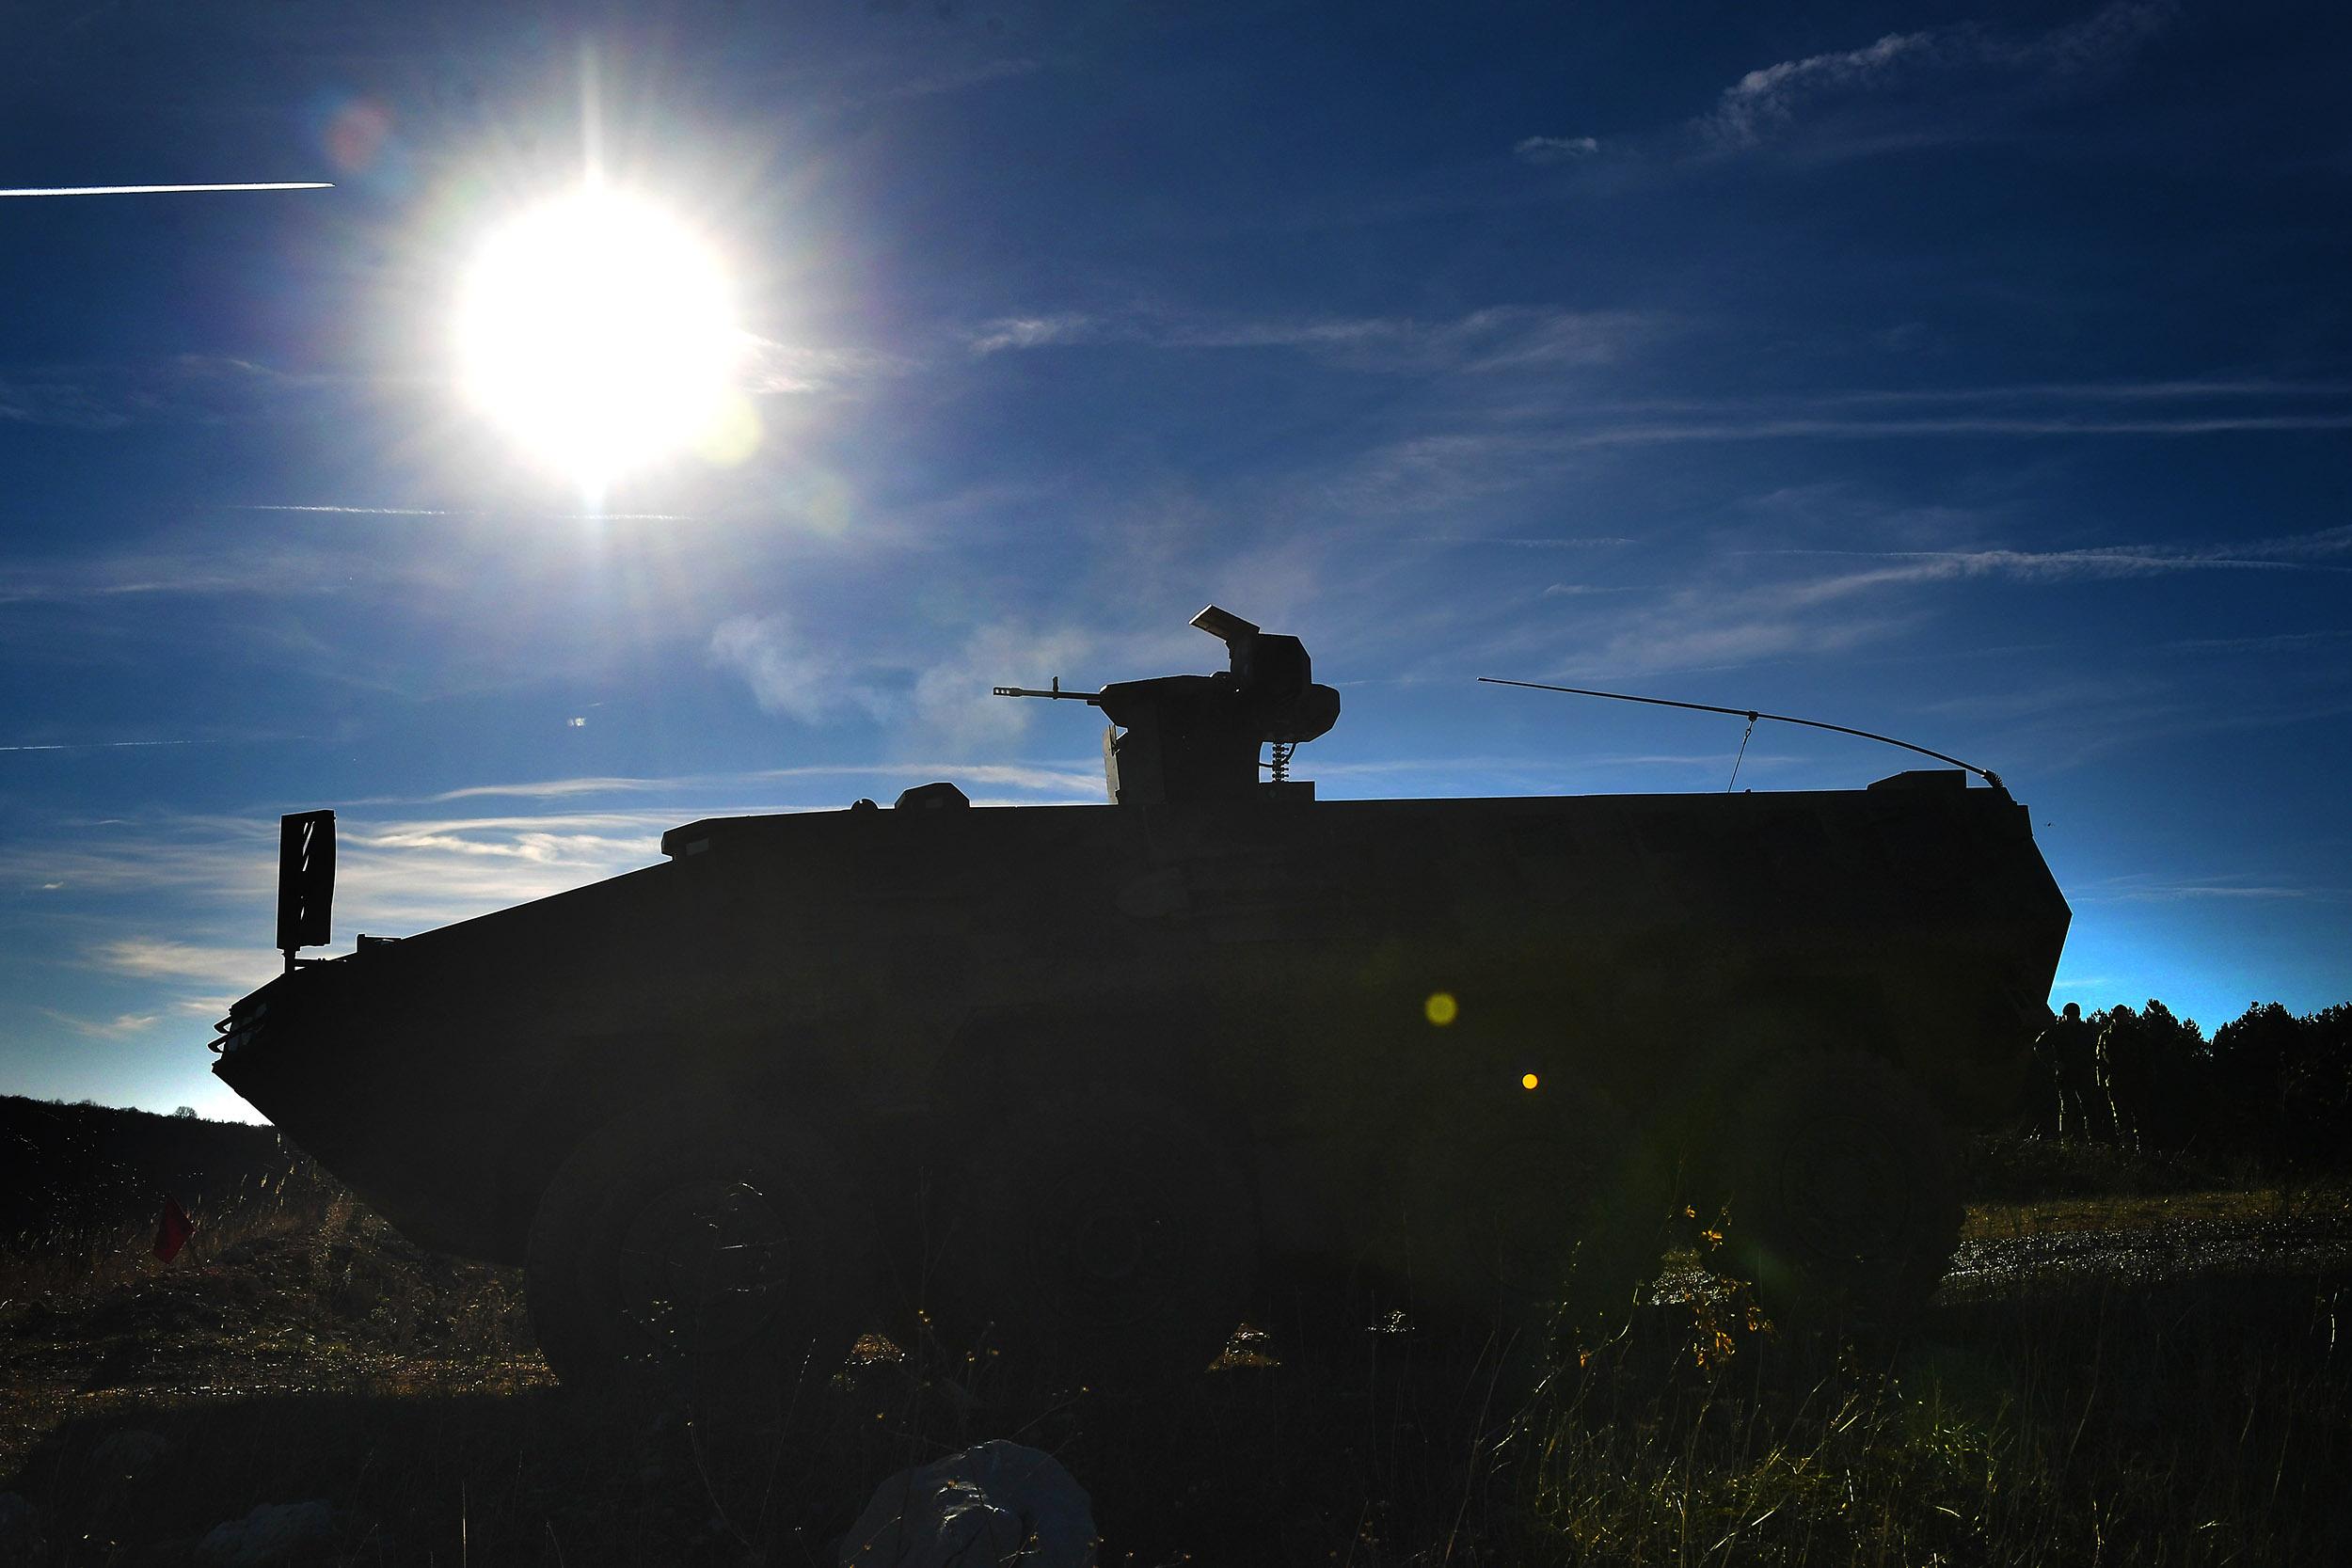 Војска Србије ће наставити са опремањем најсавременијим системима